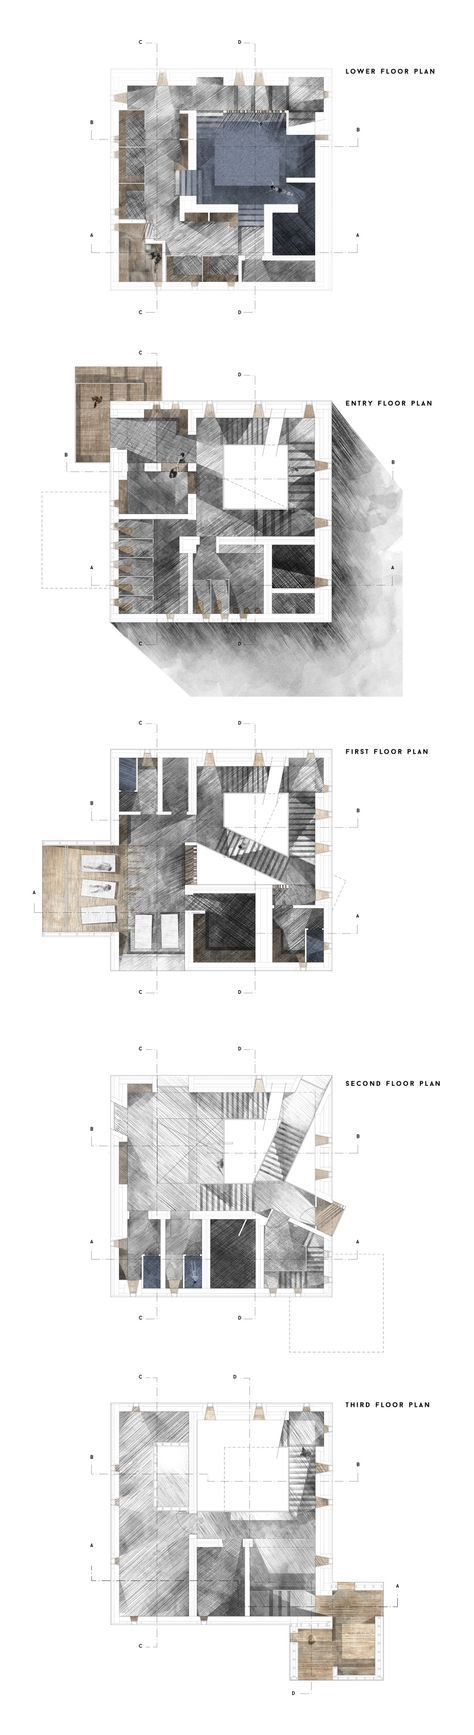 Very atmospheric floor plans by Alex Kindlen